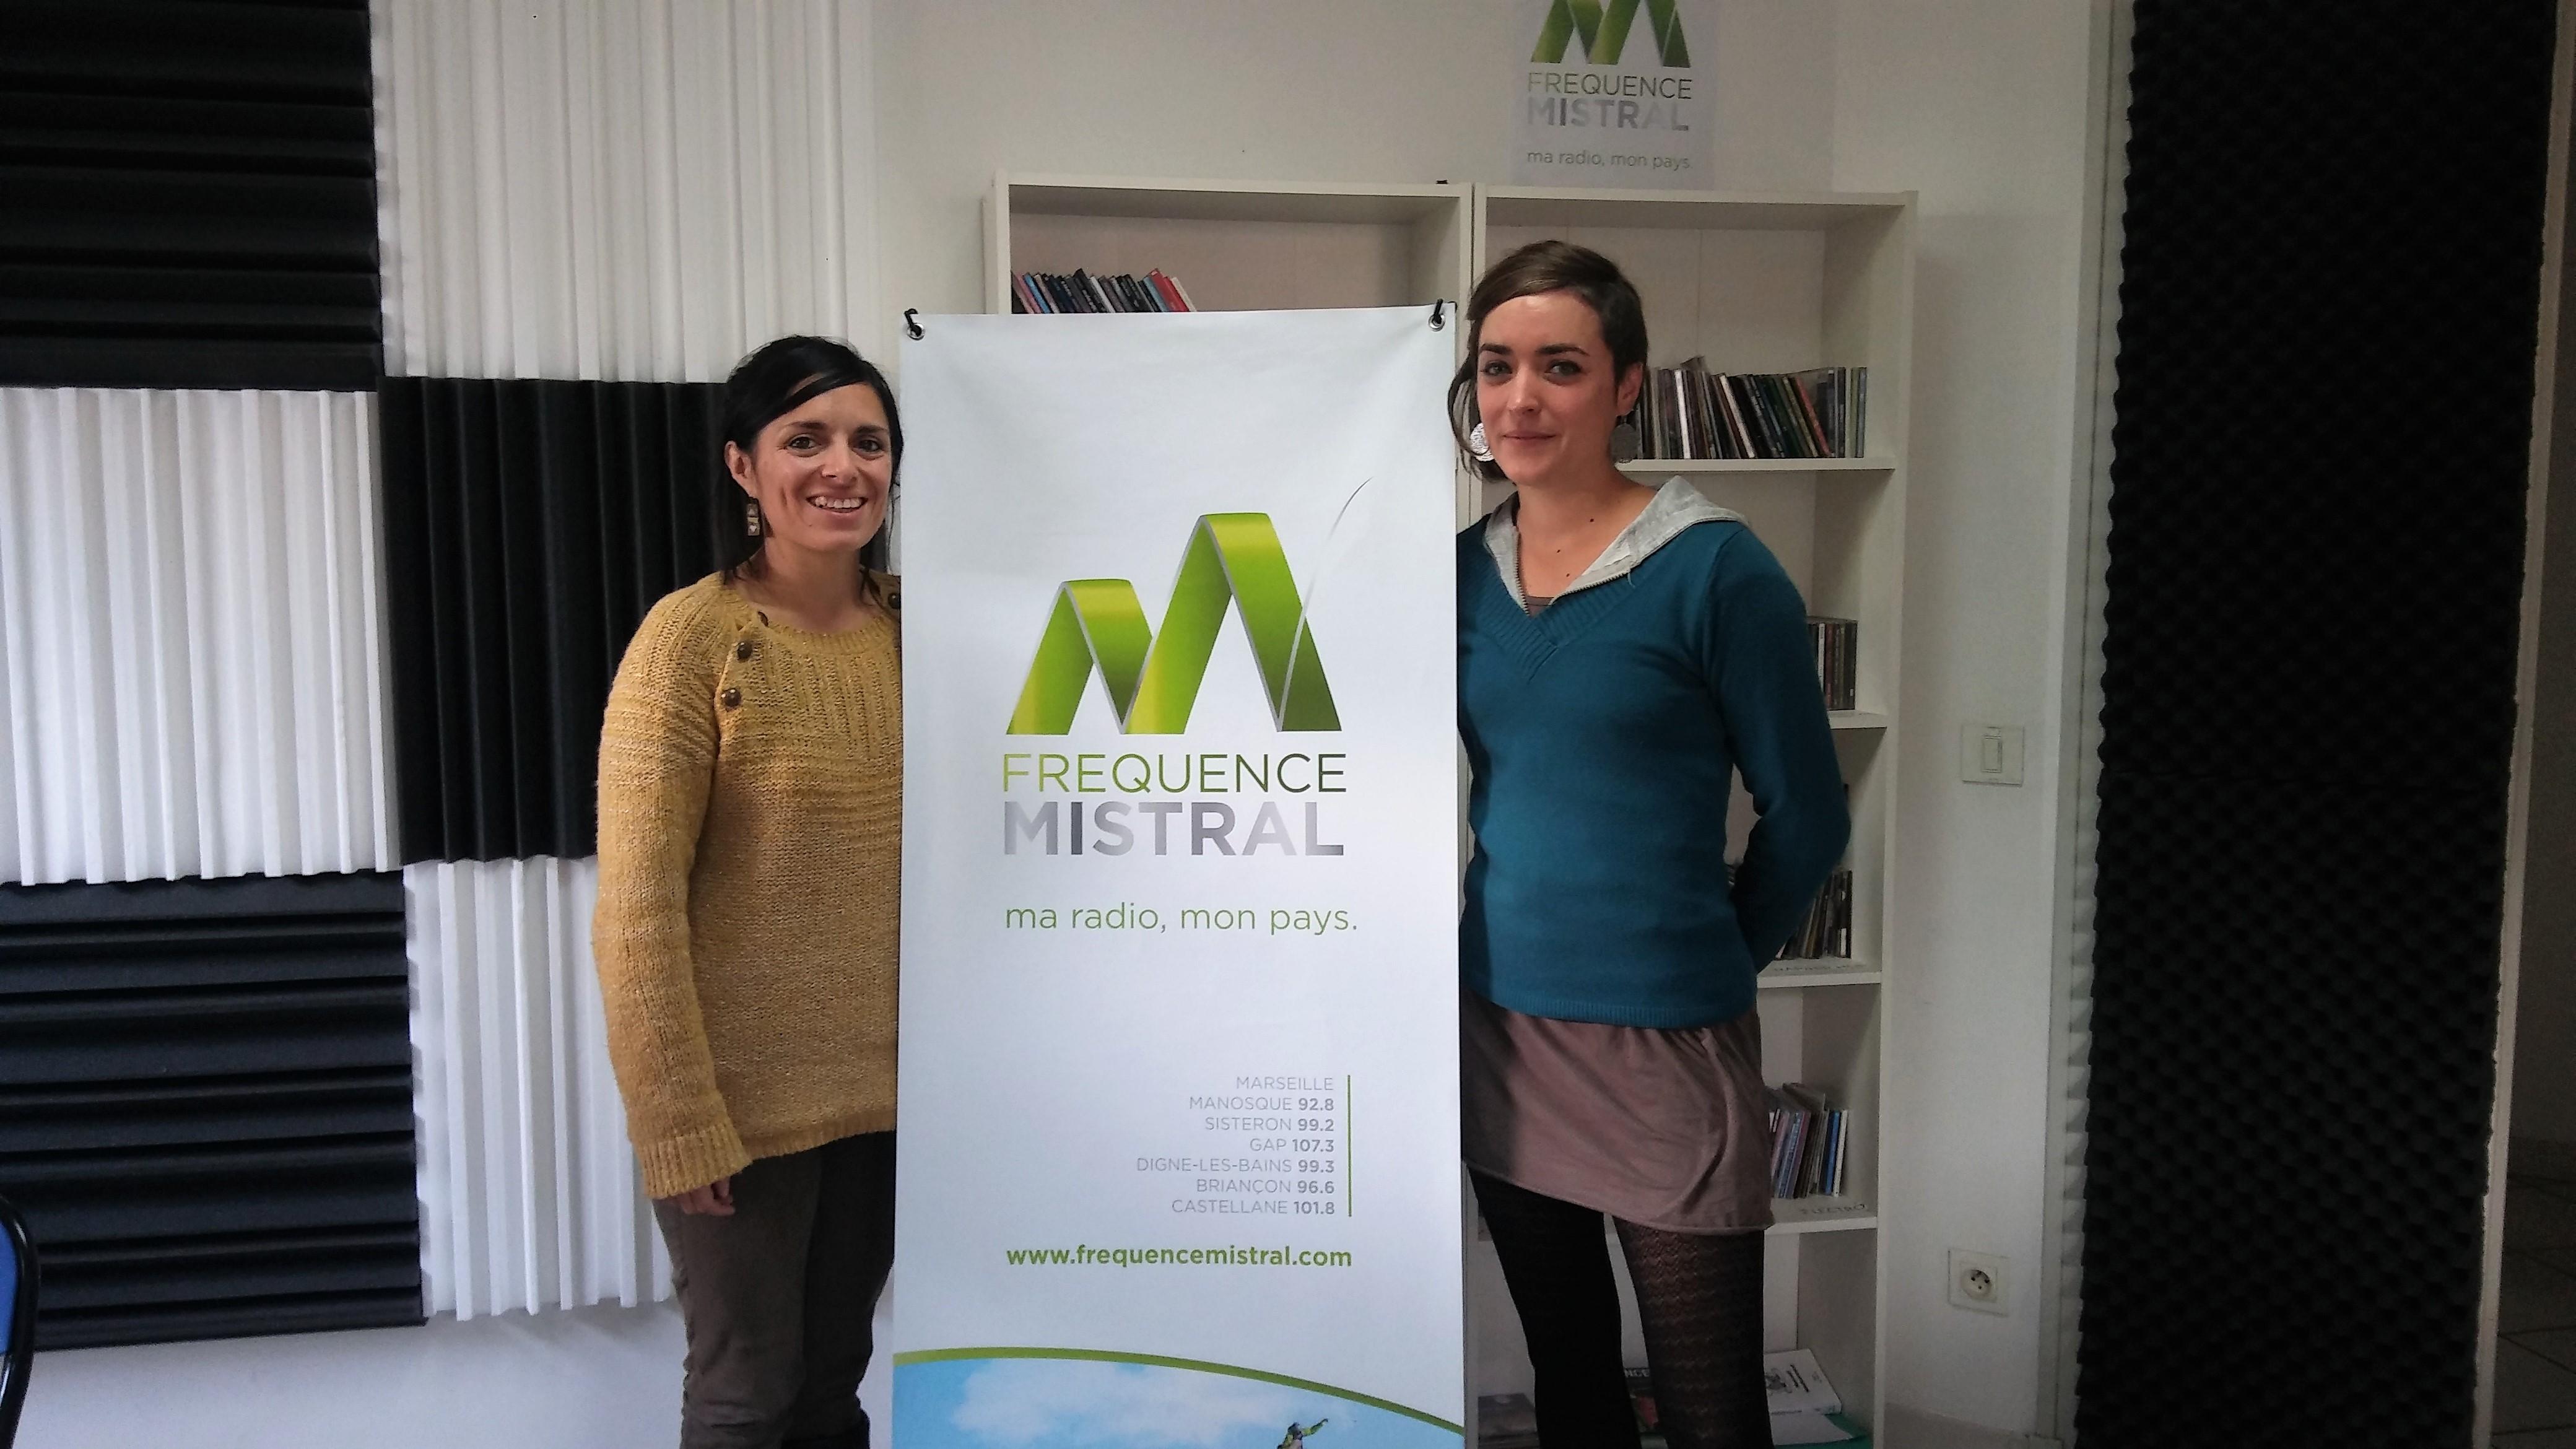 Le film hispanique à l'honneur ce week-end à Manosque